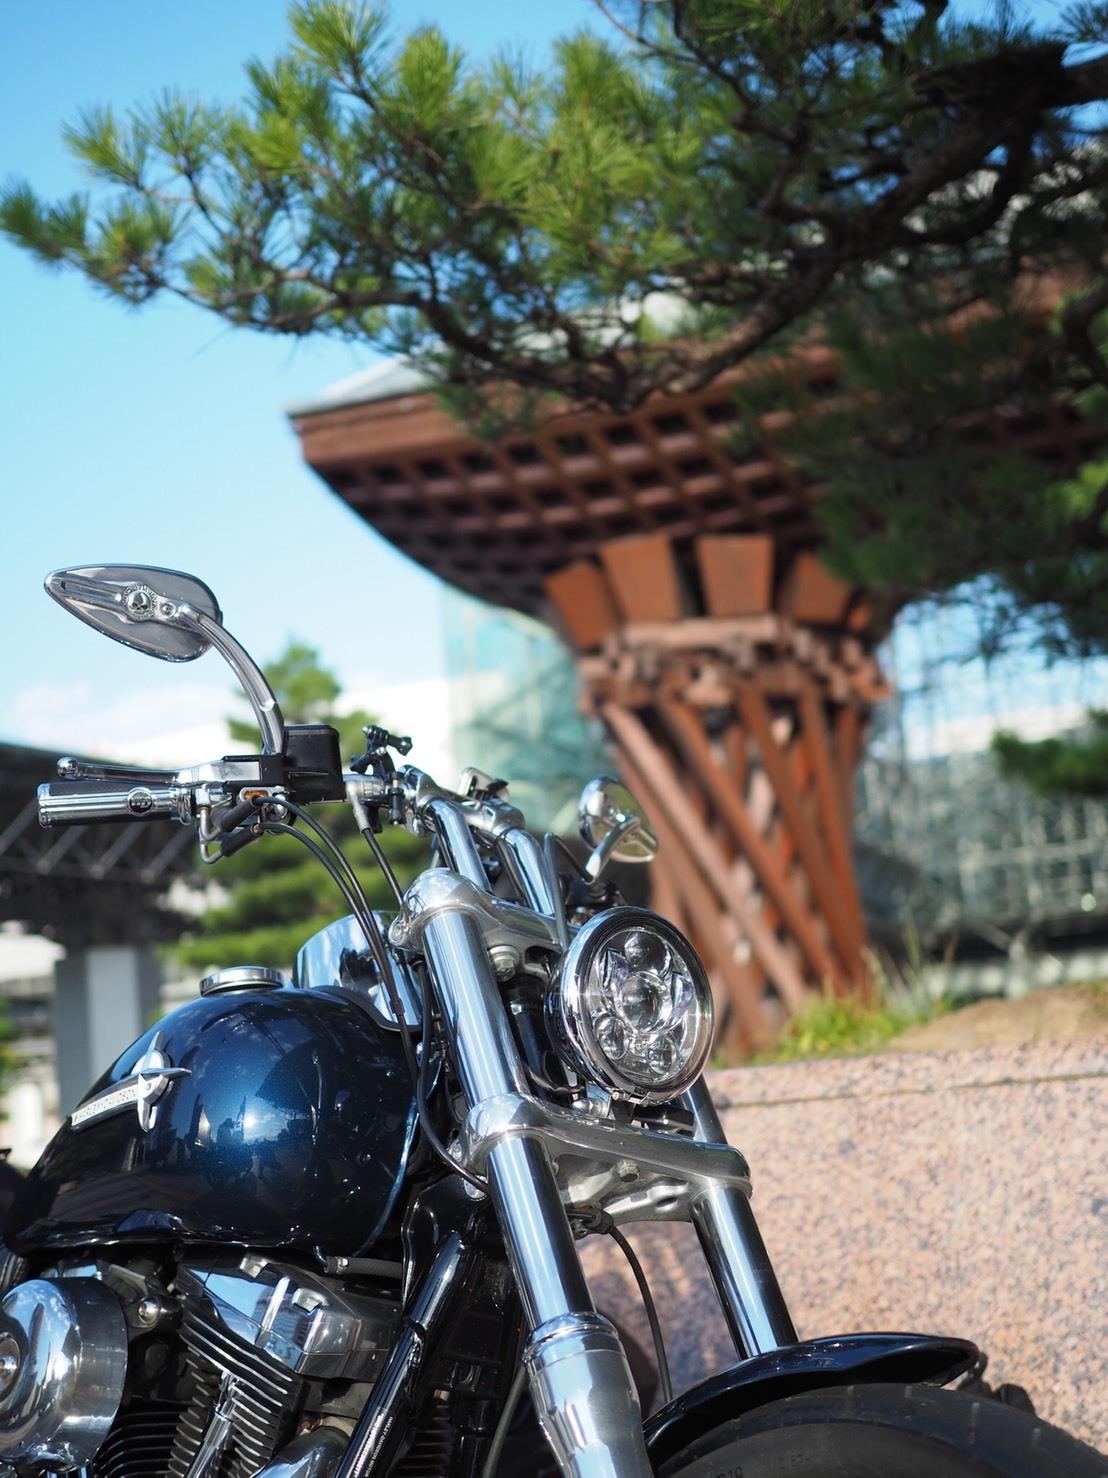 ぴーきち ハーレーブログ 福井 金沢ツーリングその4 金沢駅 鼓門 バイクと撮影